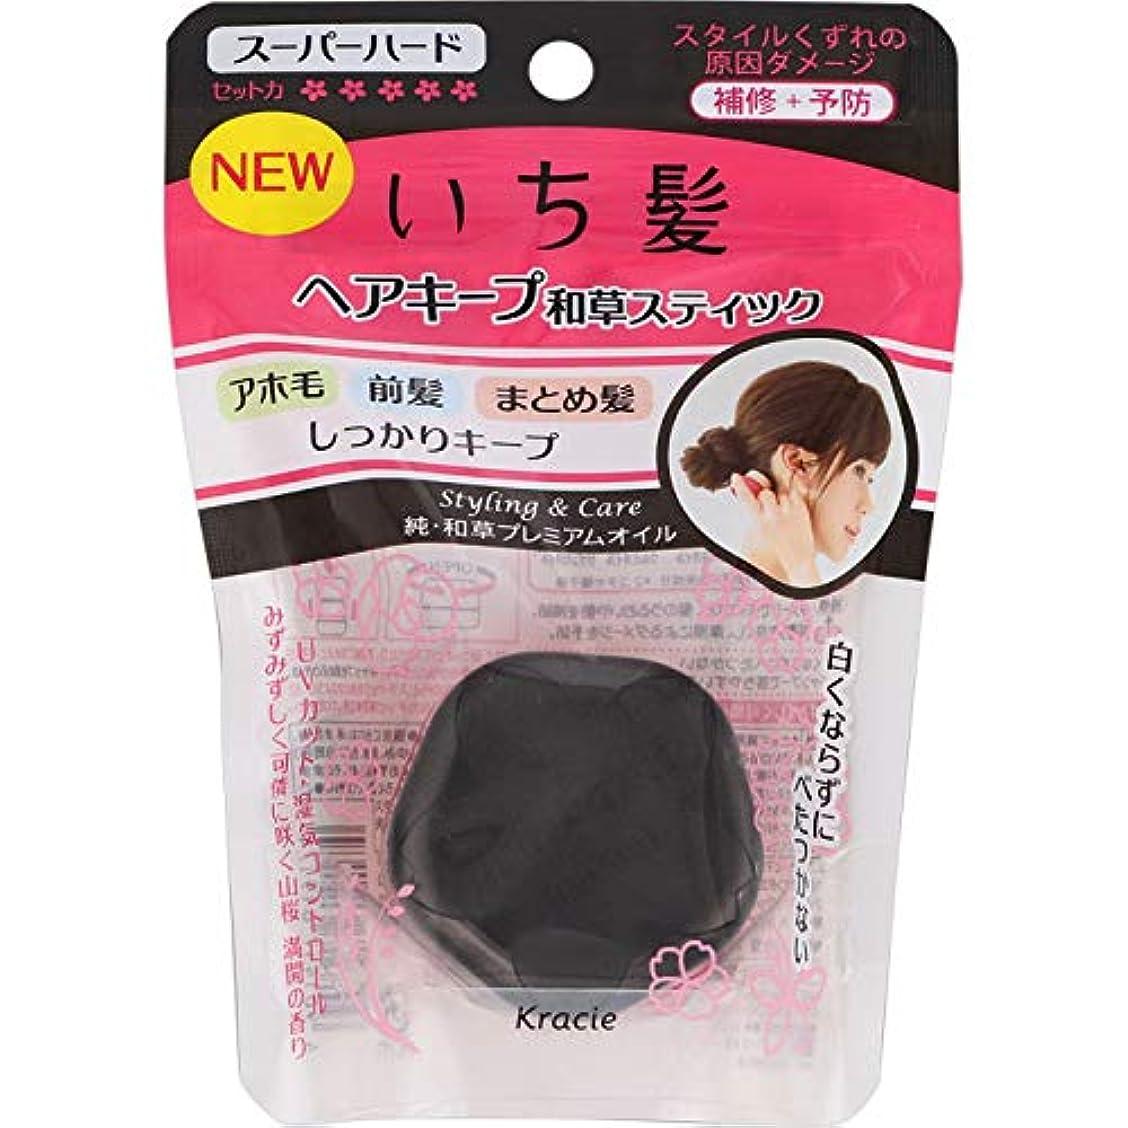 七時半ジュース佐賀いち髪 ヘアキープ和草スティック(スーパーハード) × 8個セット